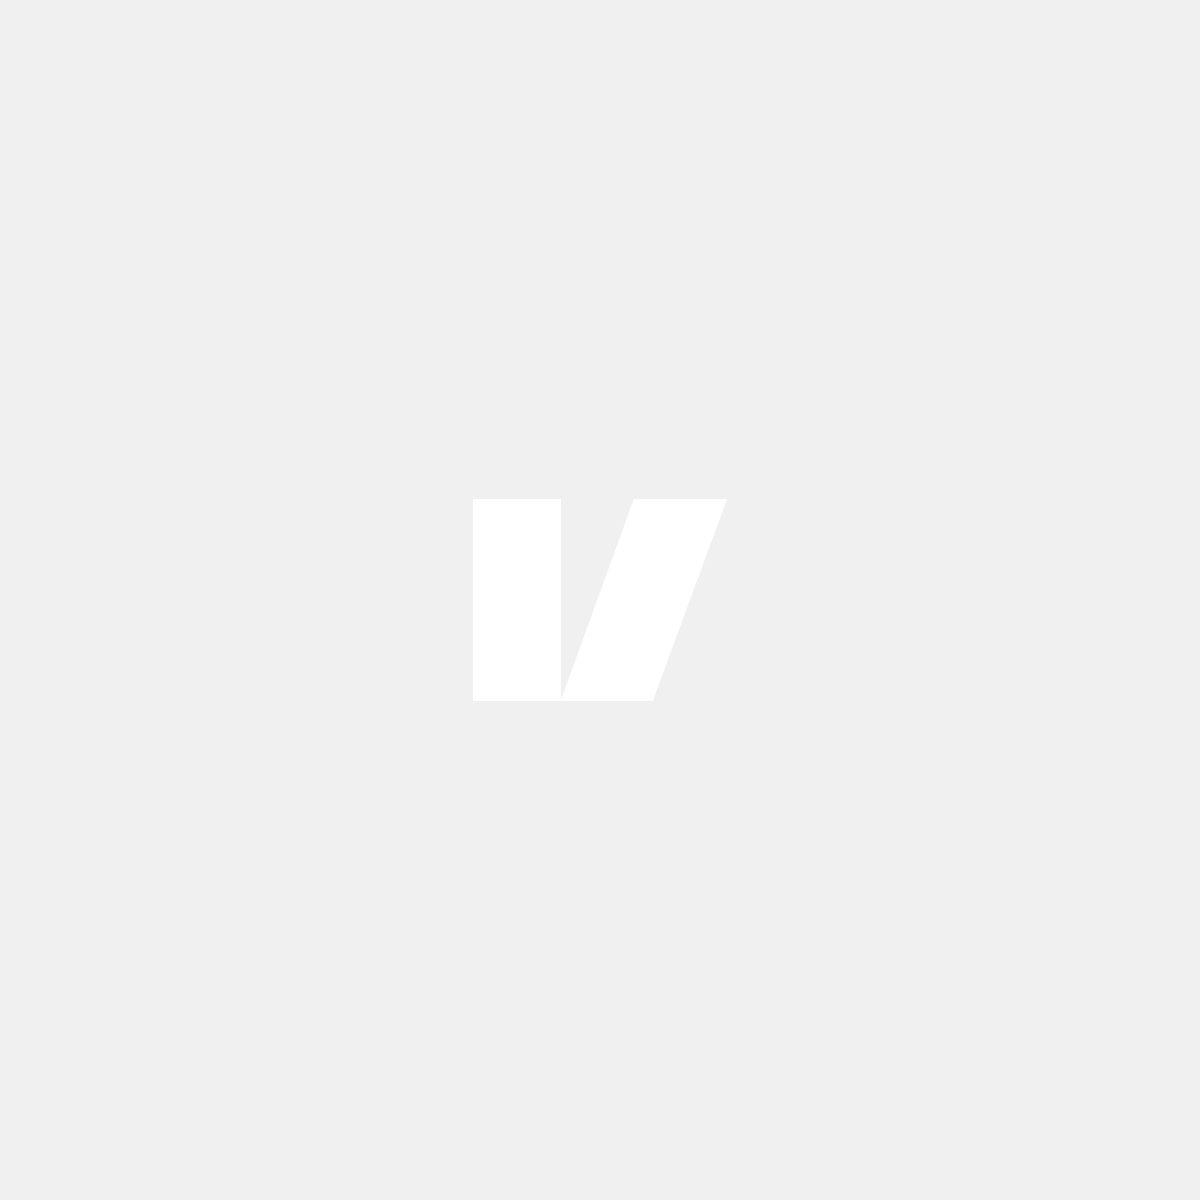 Performance kjolpaket till Volvo V40 12-